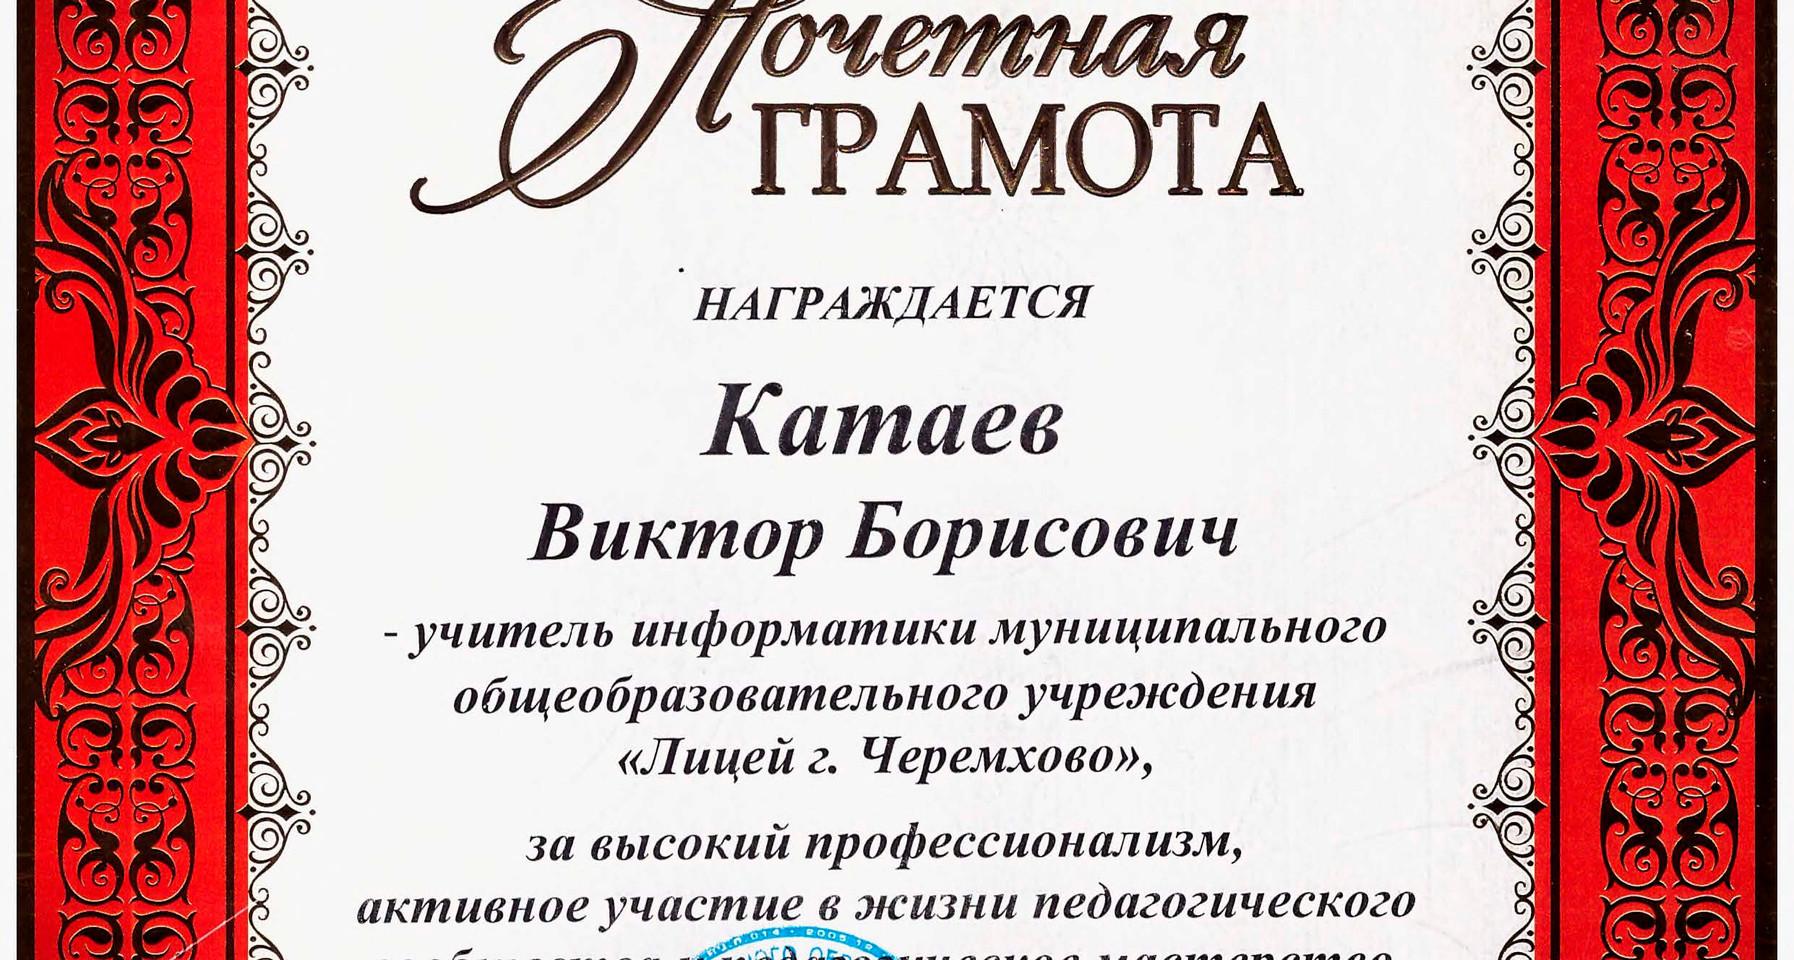 Грамота мэра В.А. Семенова